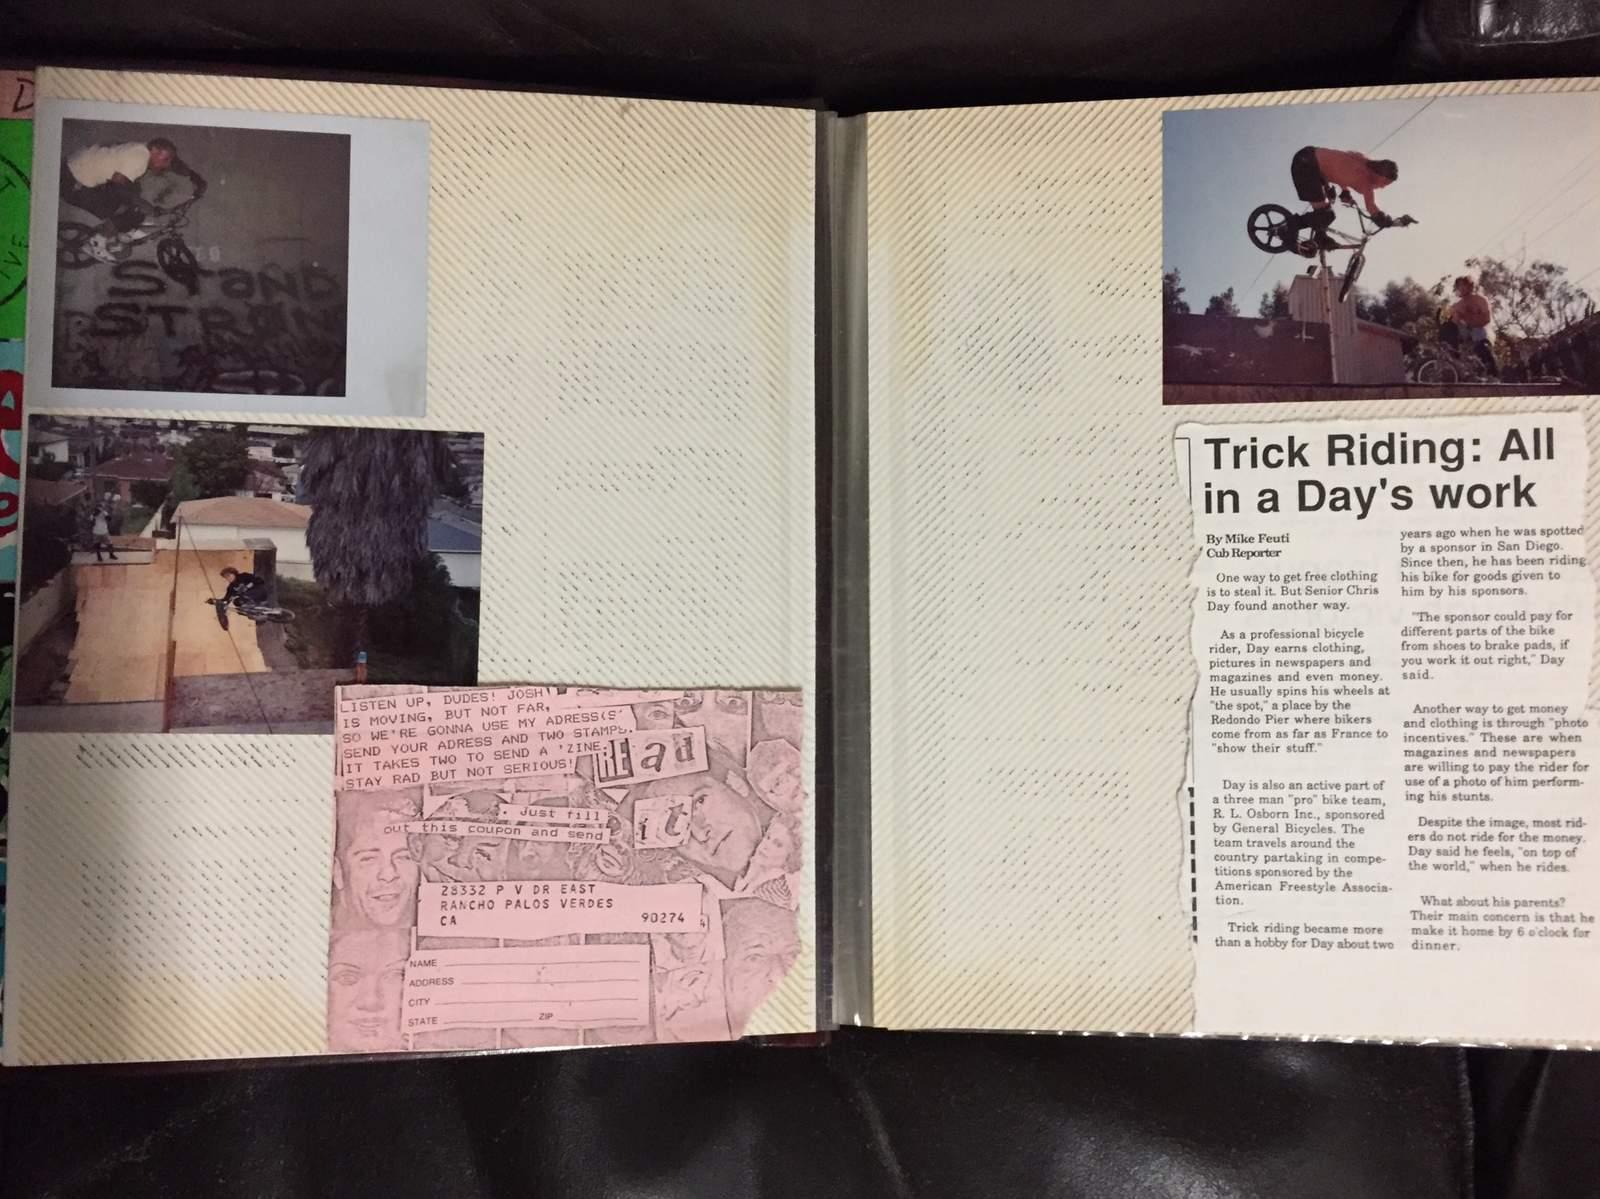 http://uploads.bmxmuseum.com/user-images/19713/4cb54679-f44a-4635-8129-216a8dd535595bf9dc4832.jpeg